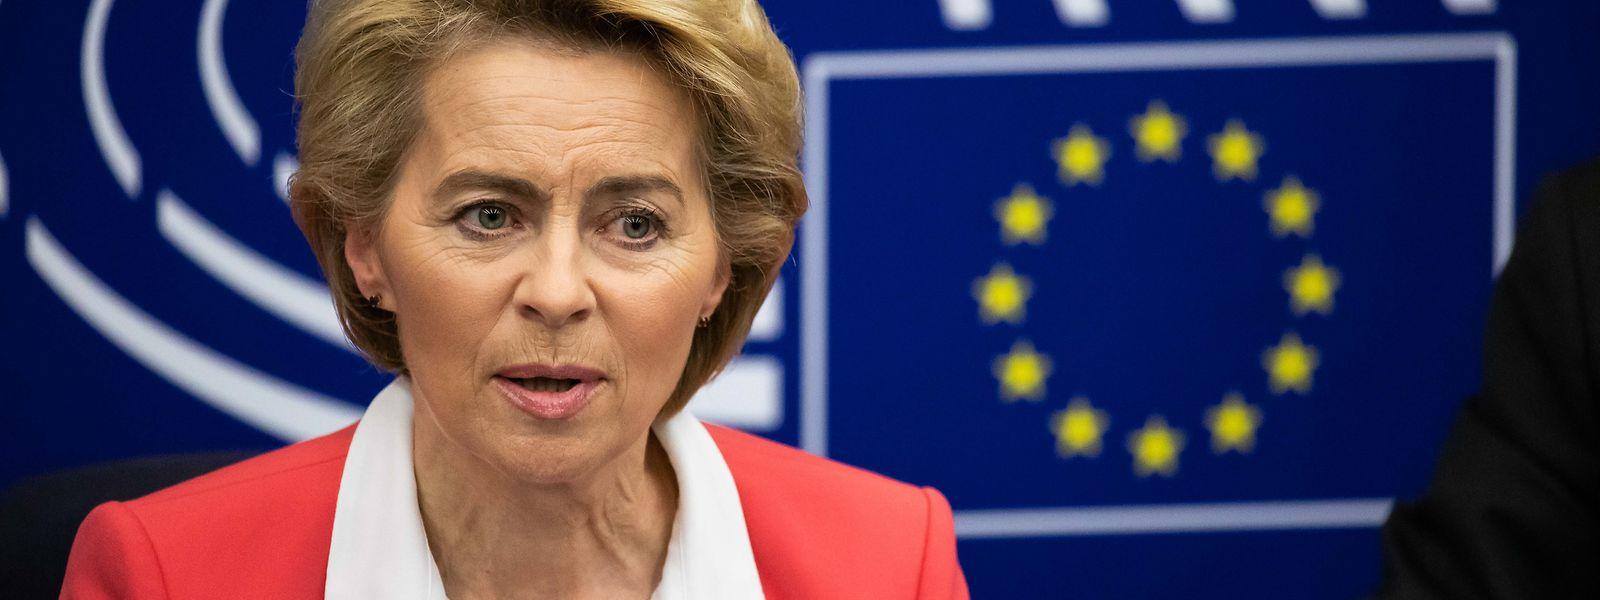 Ursula von der Leyen will der Wirtschaft mit weiteren Hilfen unter die Arme greifen.